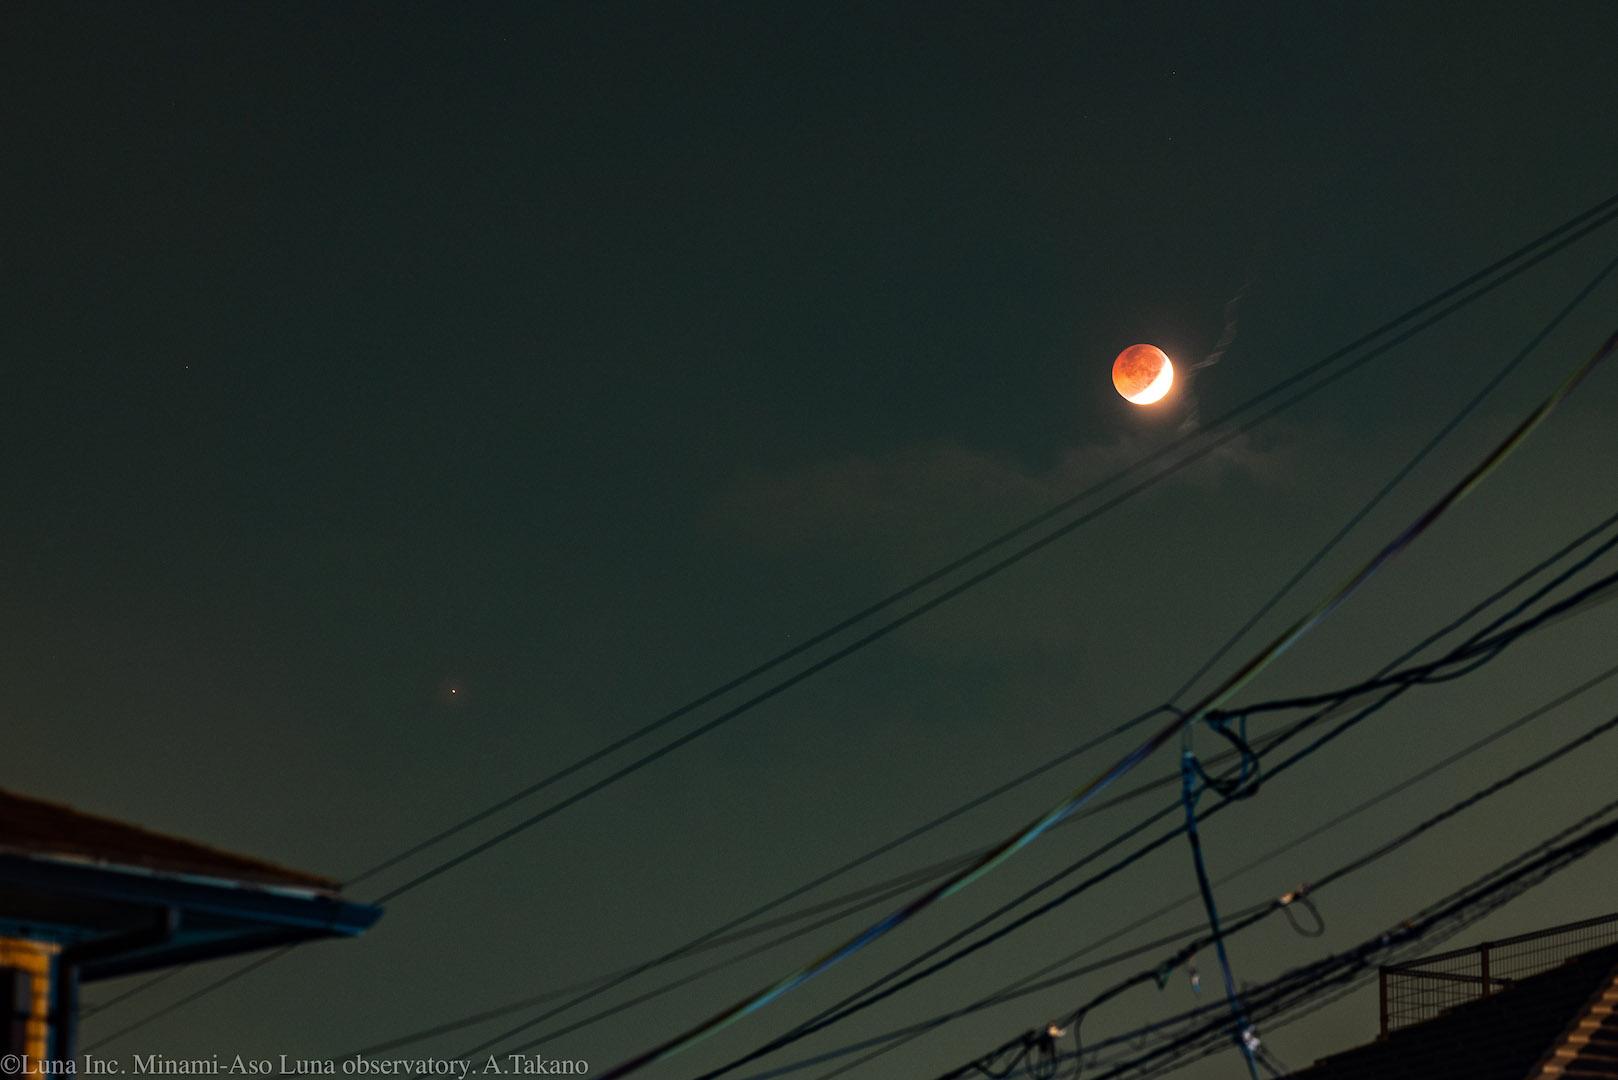 赤銅色の月(右)と大接近中の火星(左下小さな紅の星)。南阿蘇だけでなく、市街地からも広く観察されました。(熊本市内撮影)